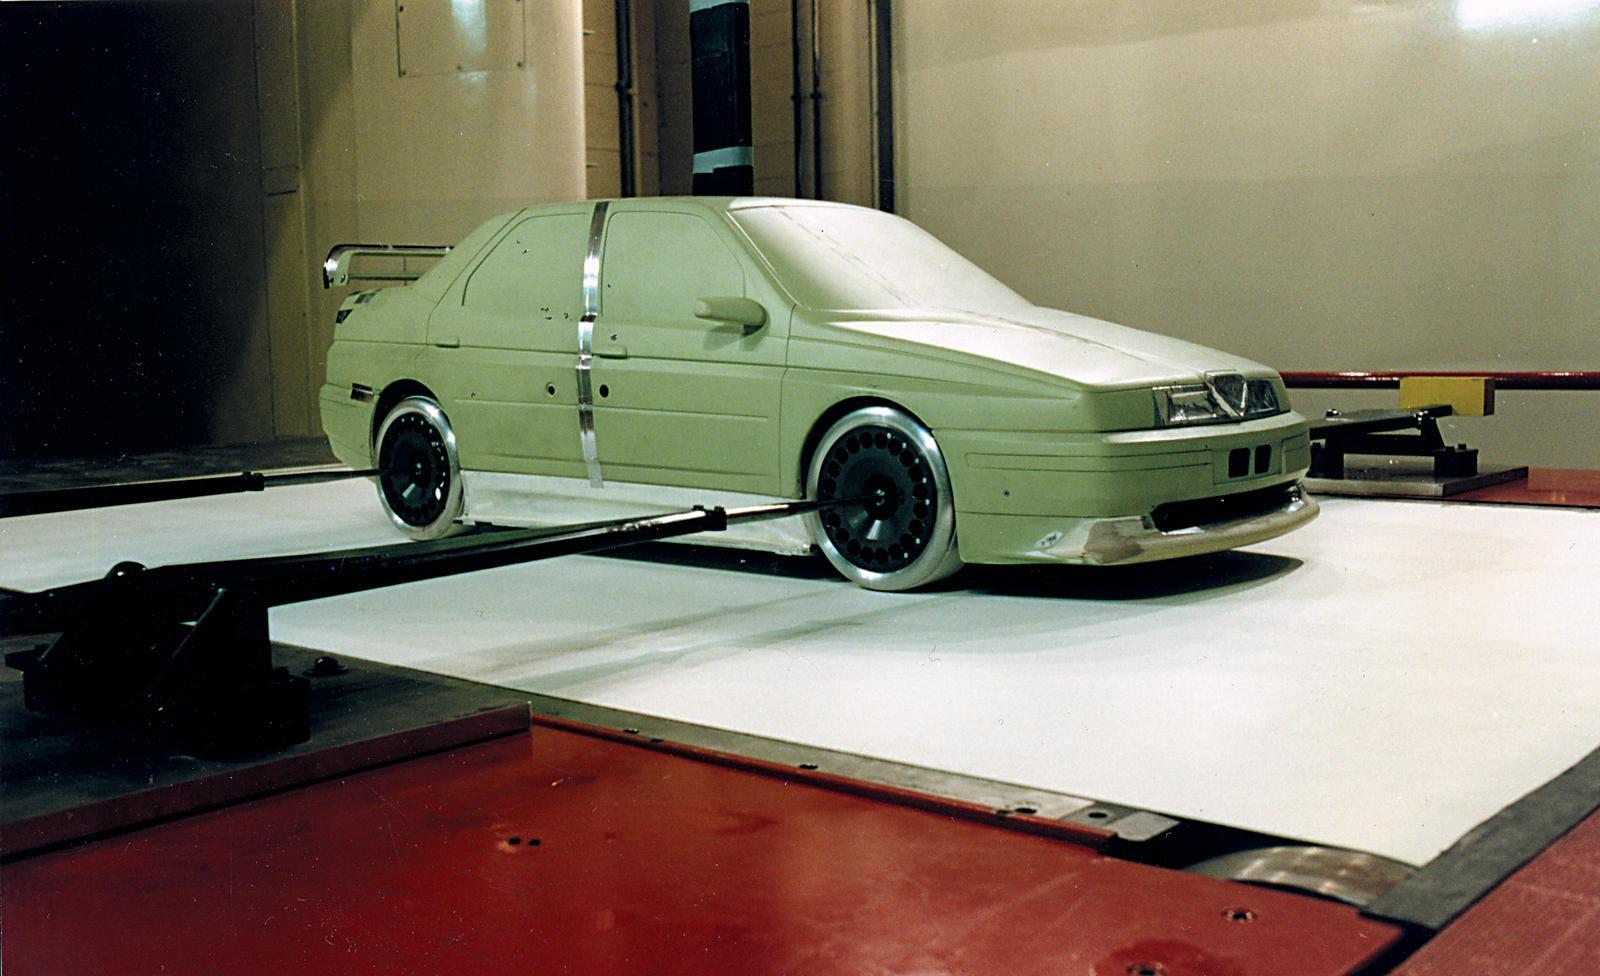 1993 Alfa Romeo 155 GTA model